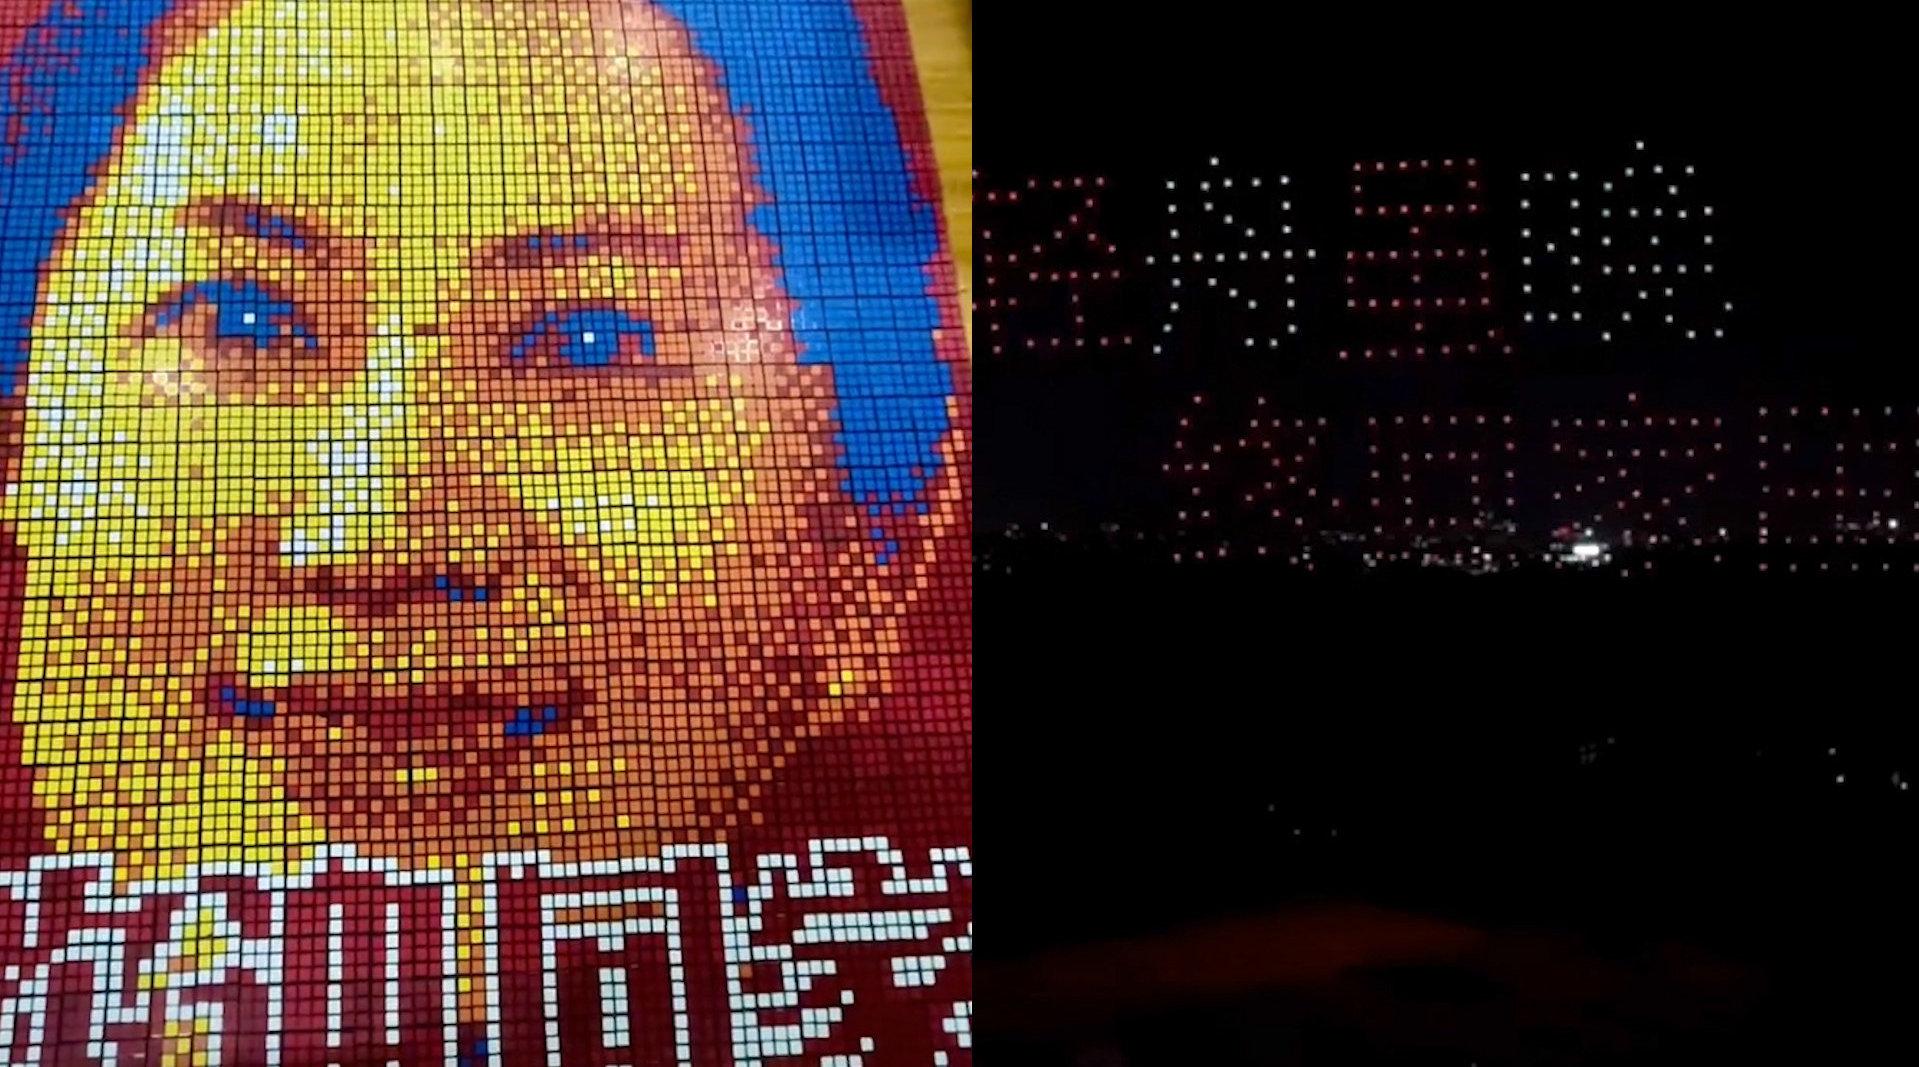 迎孟晚舟回祖国怀抱!40秒看温暖合集:中国红魔方 无人机列阵